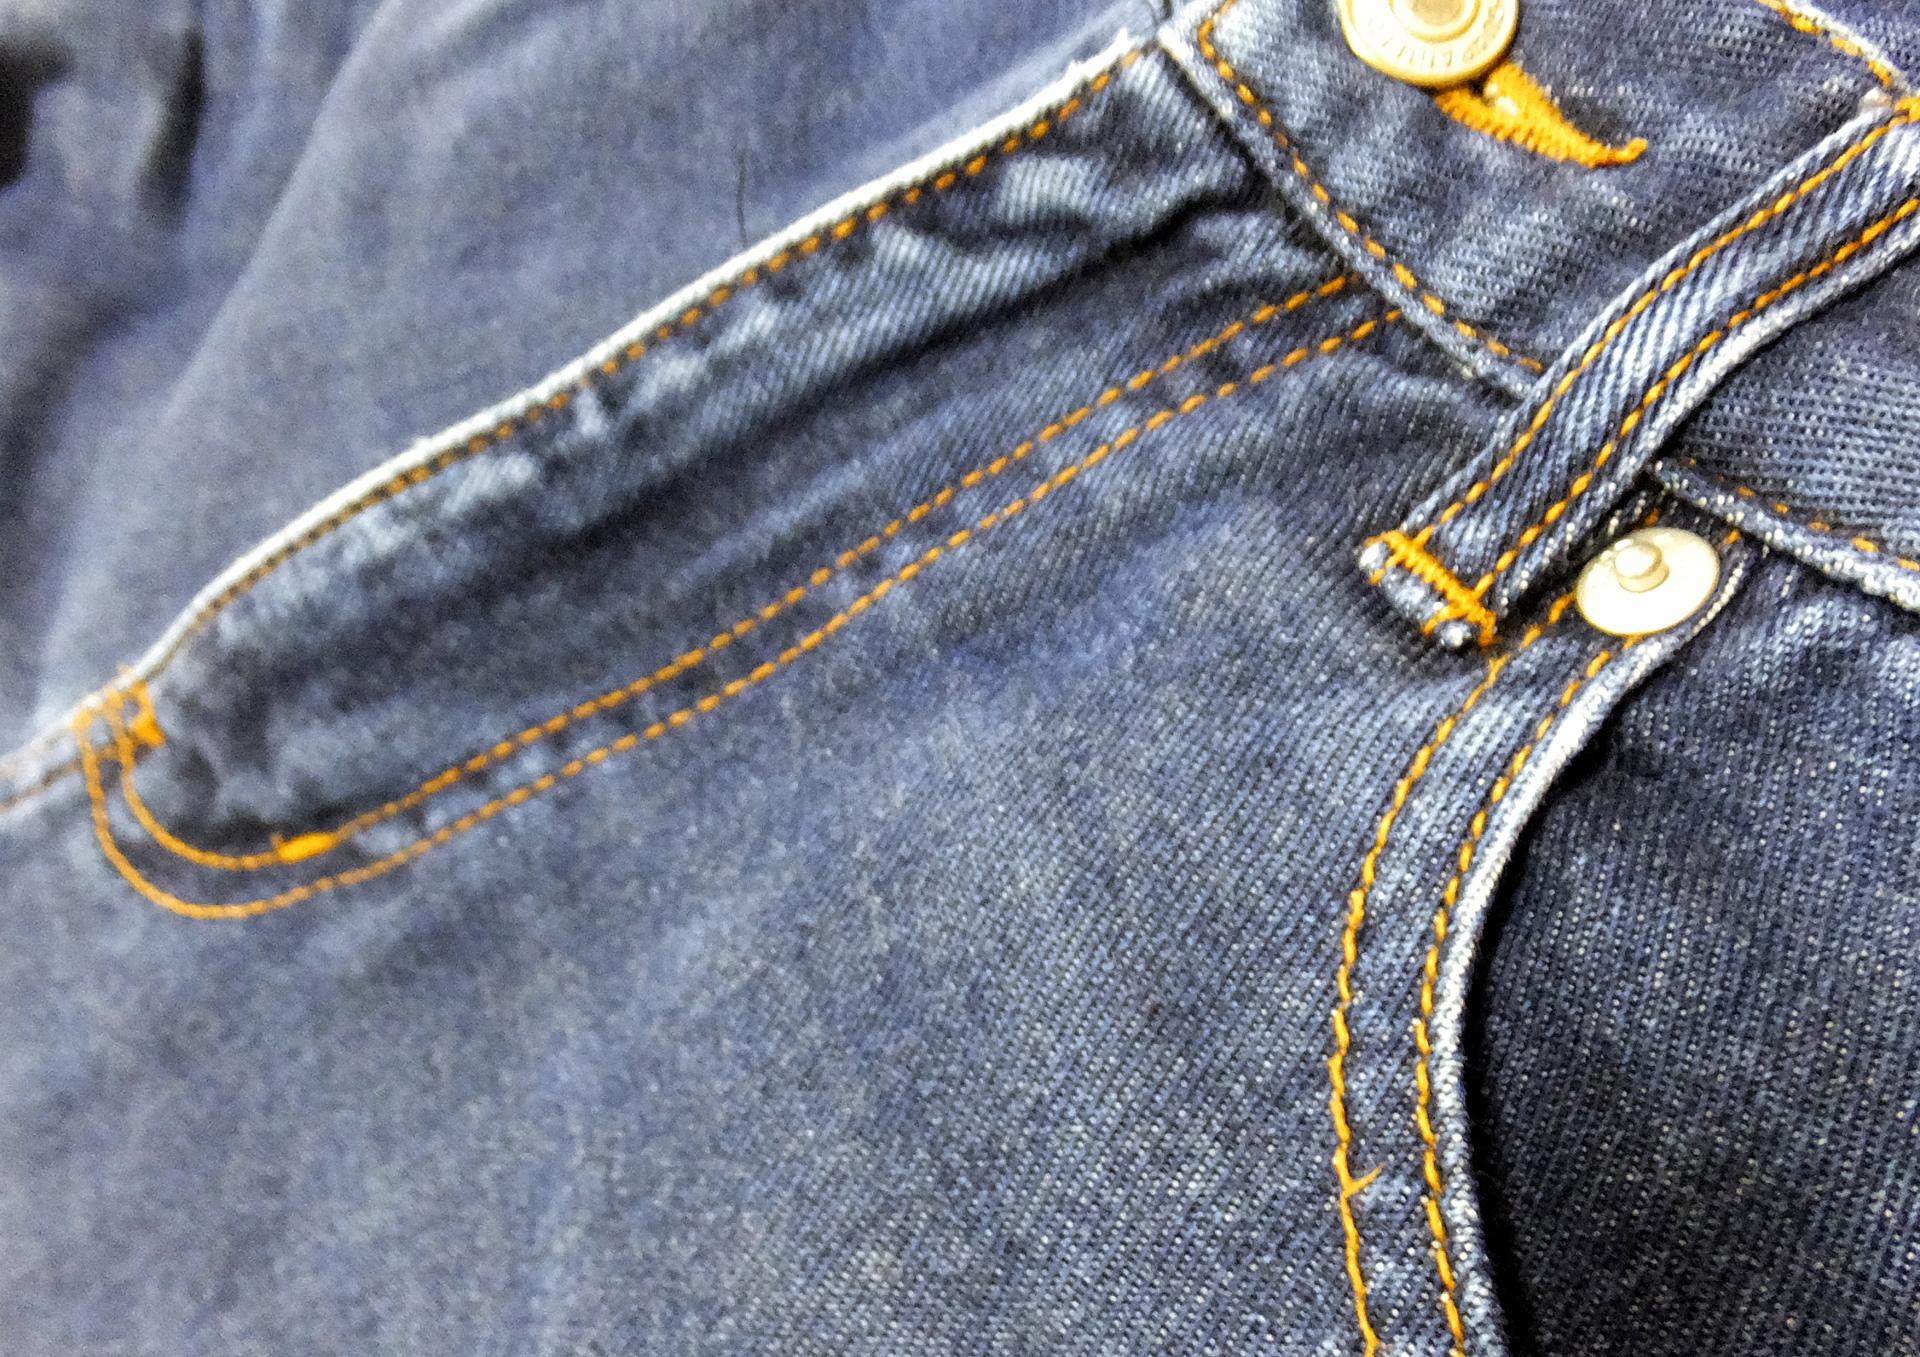 男性や女性のズボンのチャックが全開!そんな時はこうしよう!